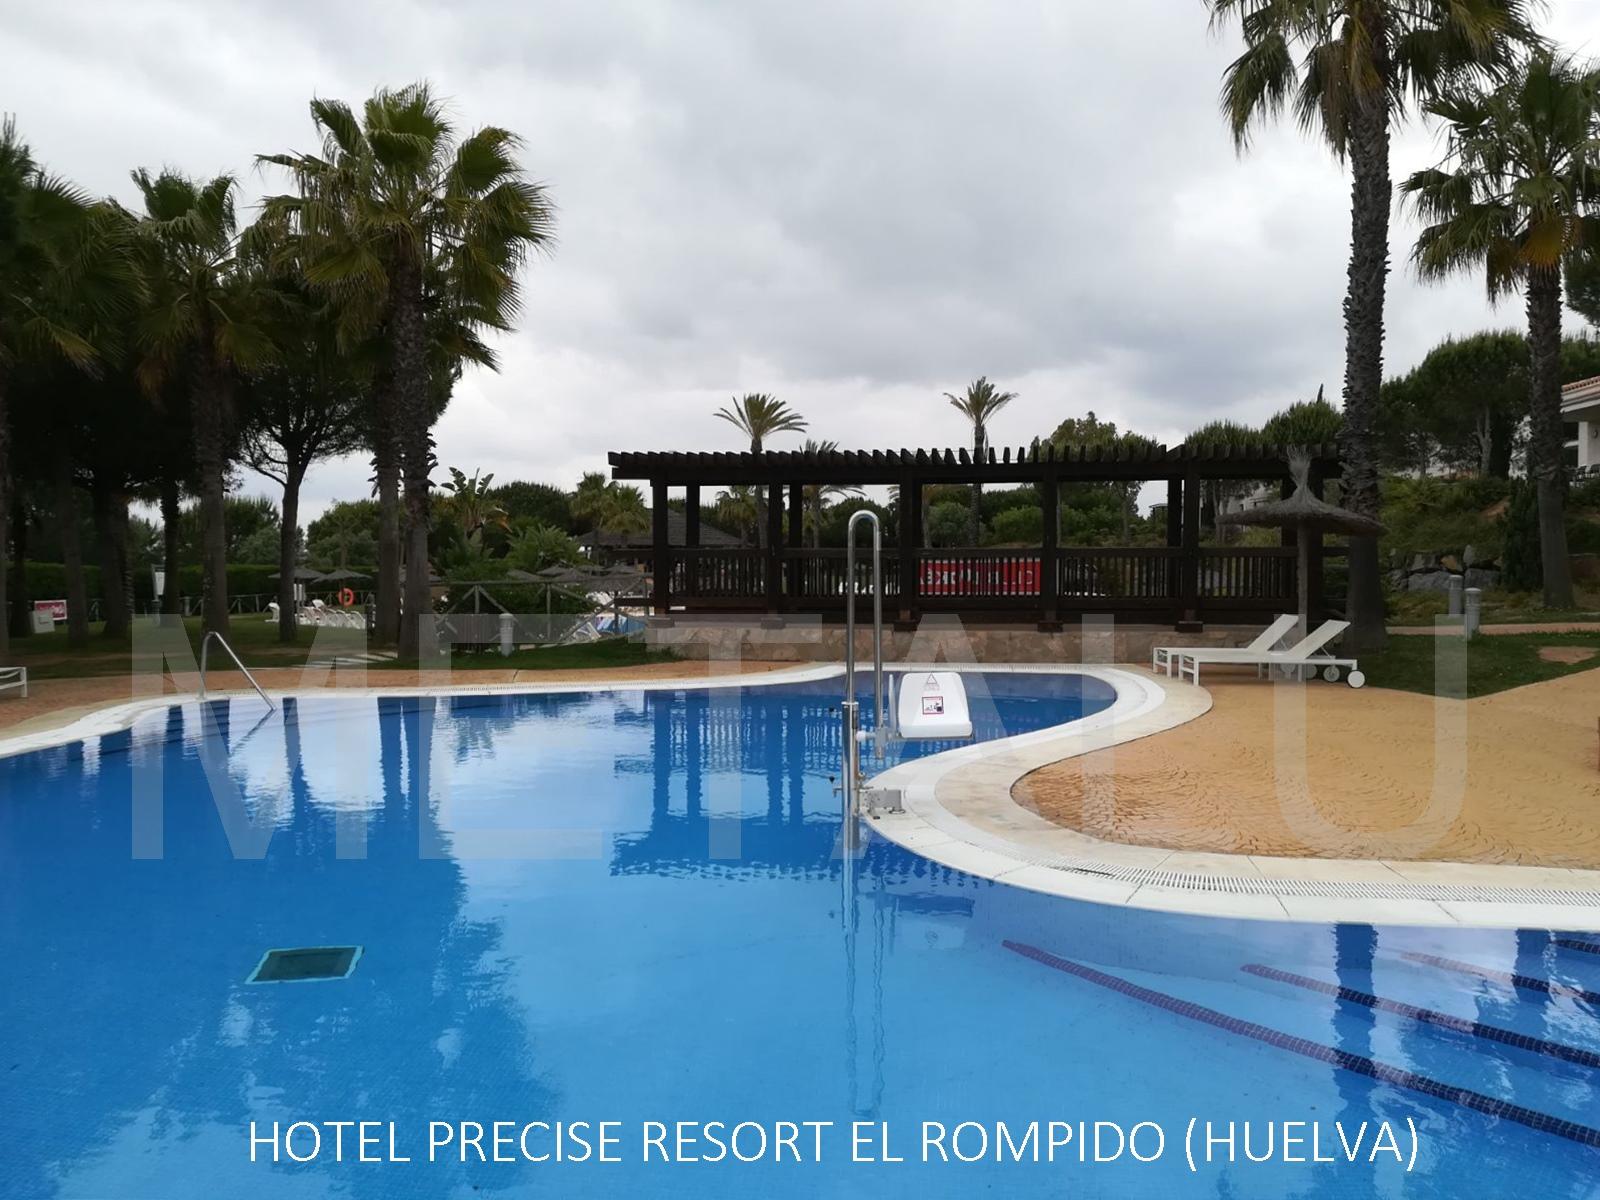 acceso discapacitados piscina hotel resort el rompido huelva